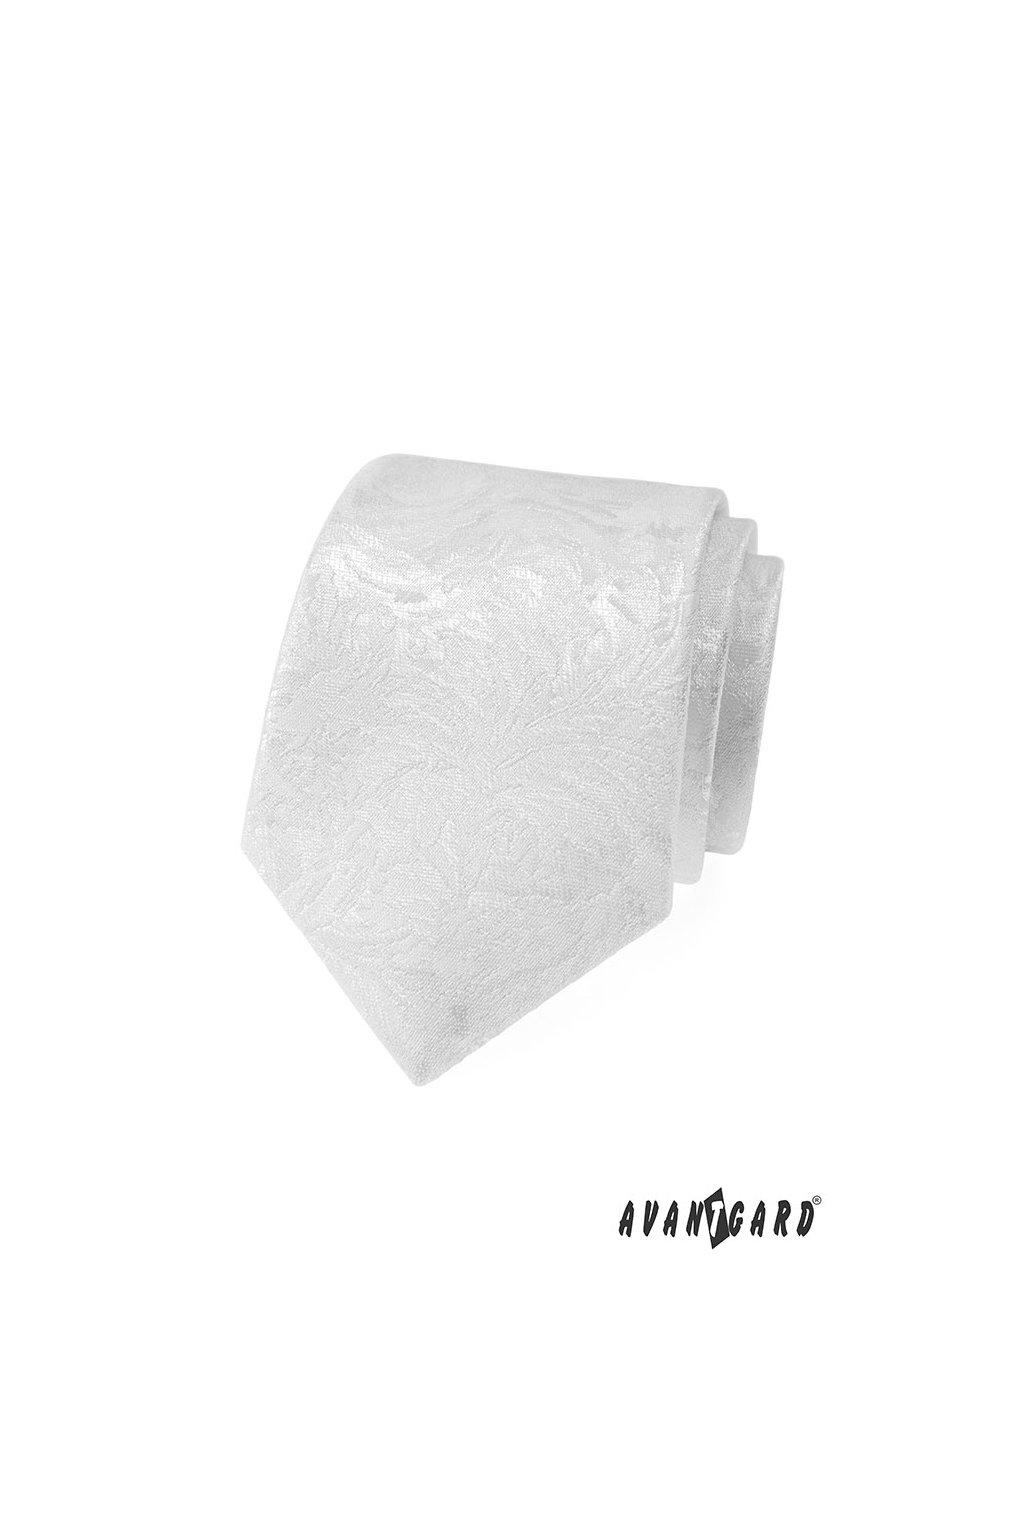 Bílá luxusní slavnostní kravata 561 - 81261